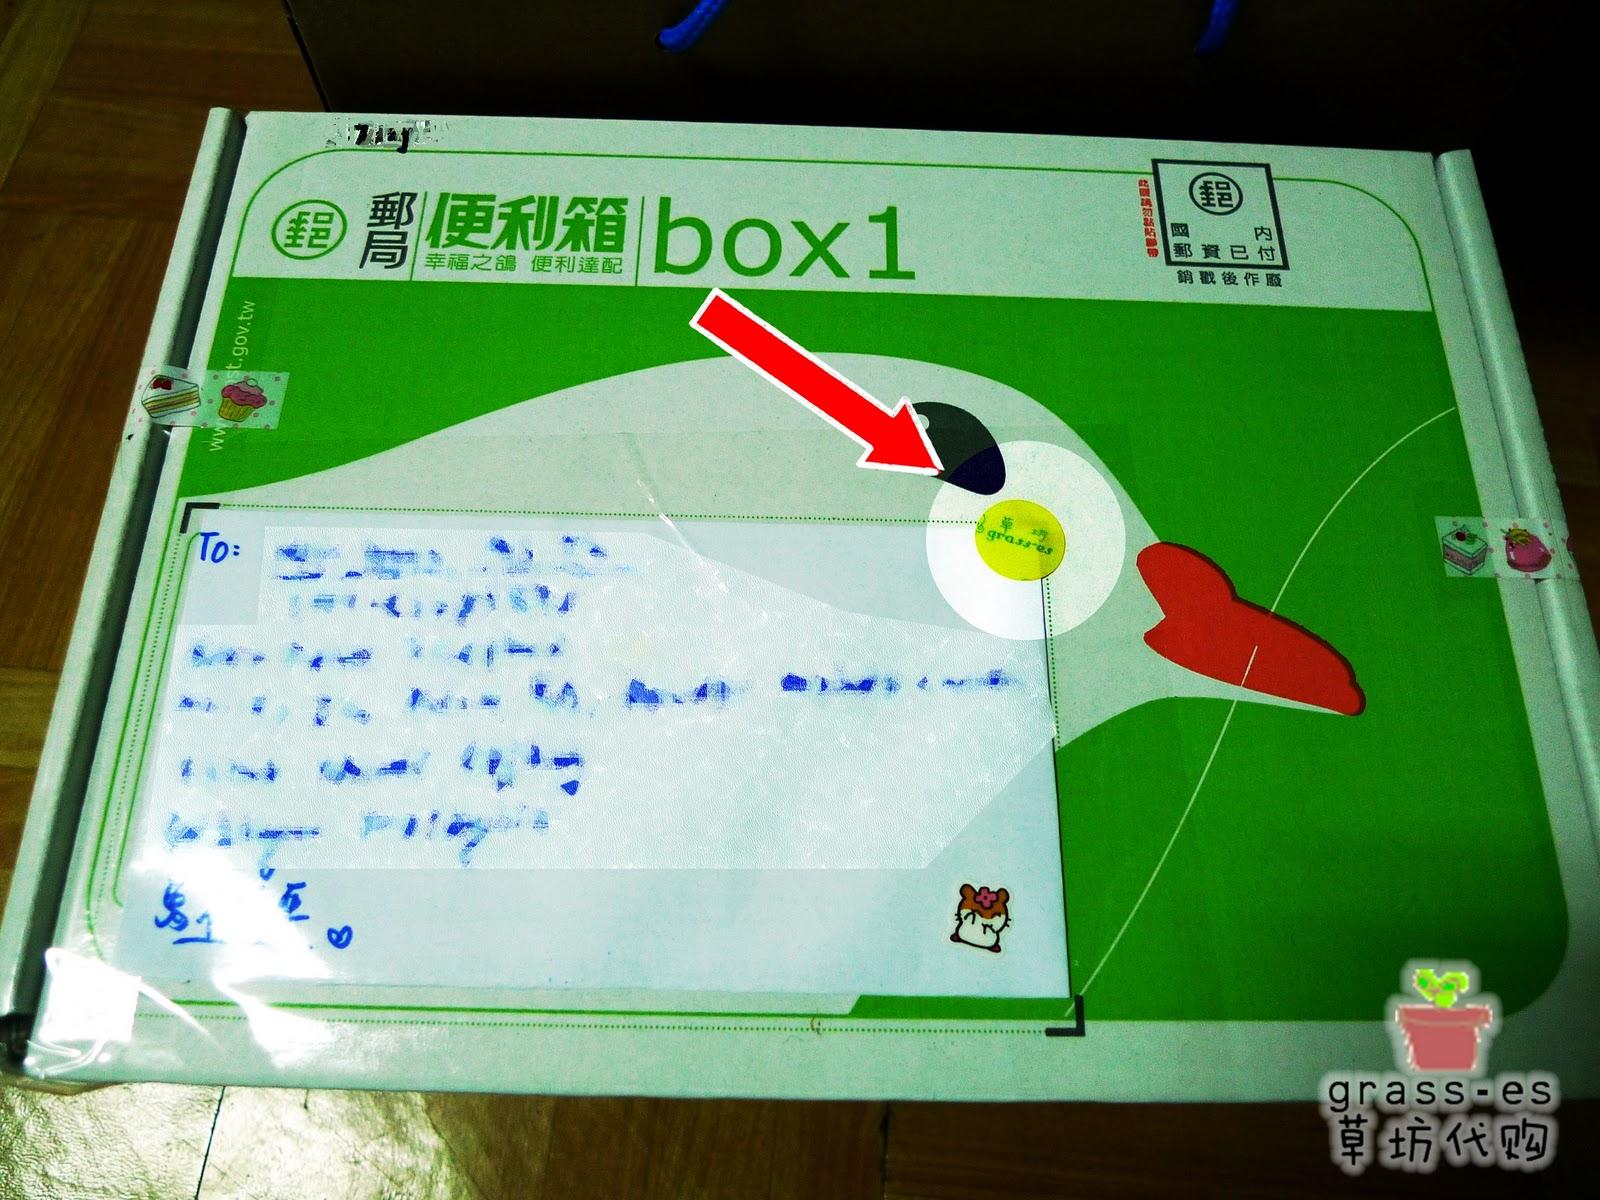 【郵局·盒子】郵局包裹盒子 – TouPeenSeen部落格